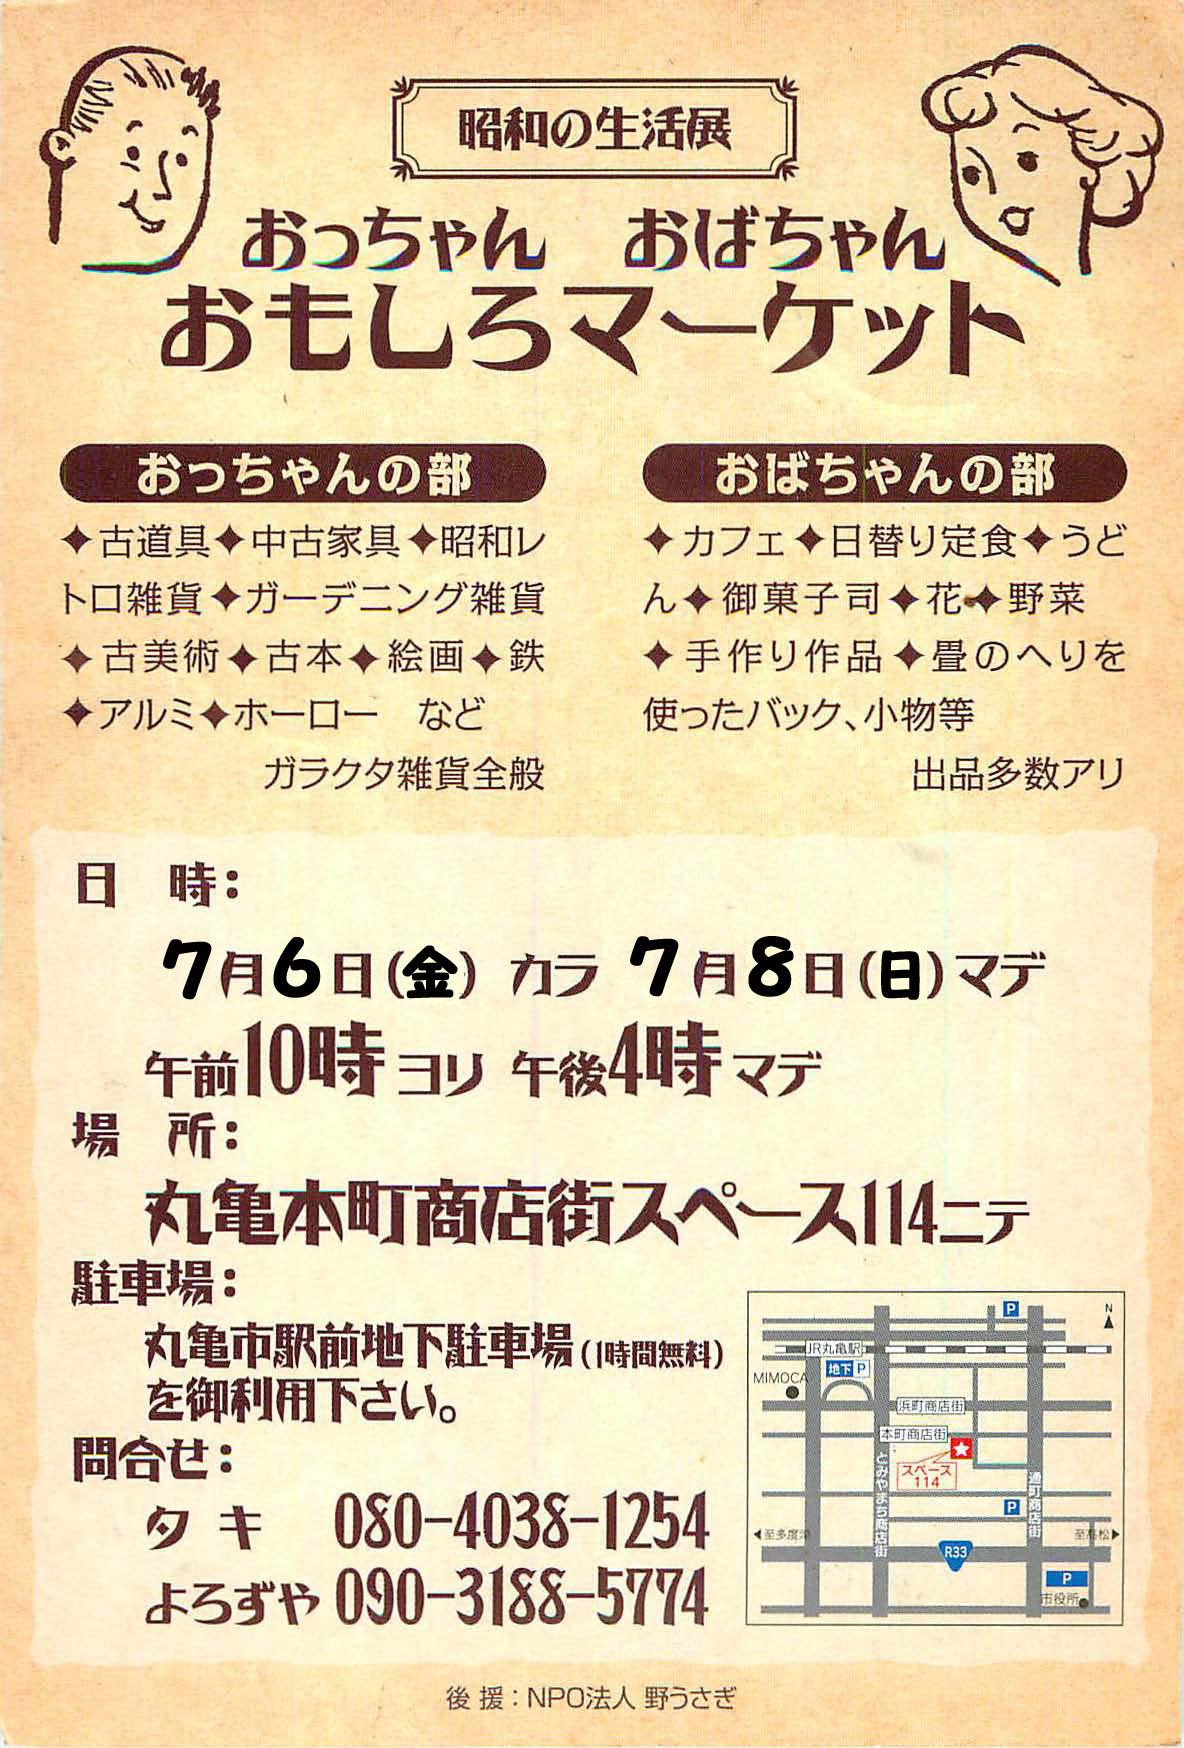 よろずやイベント 2012年7月4日、6~8日 おっちゃんおばちゃんおもしろマーケット_ページ_1